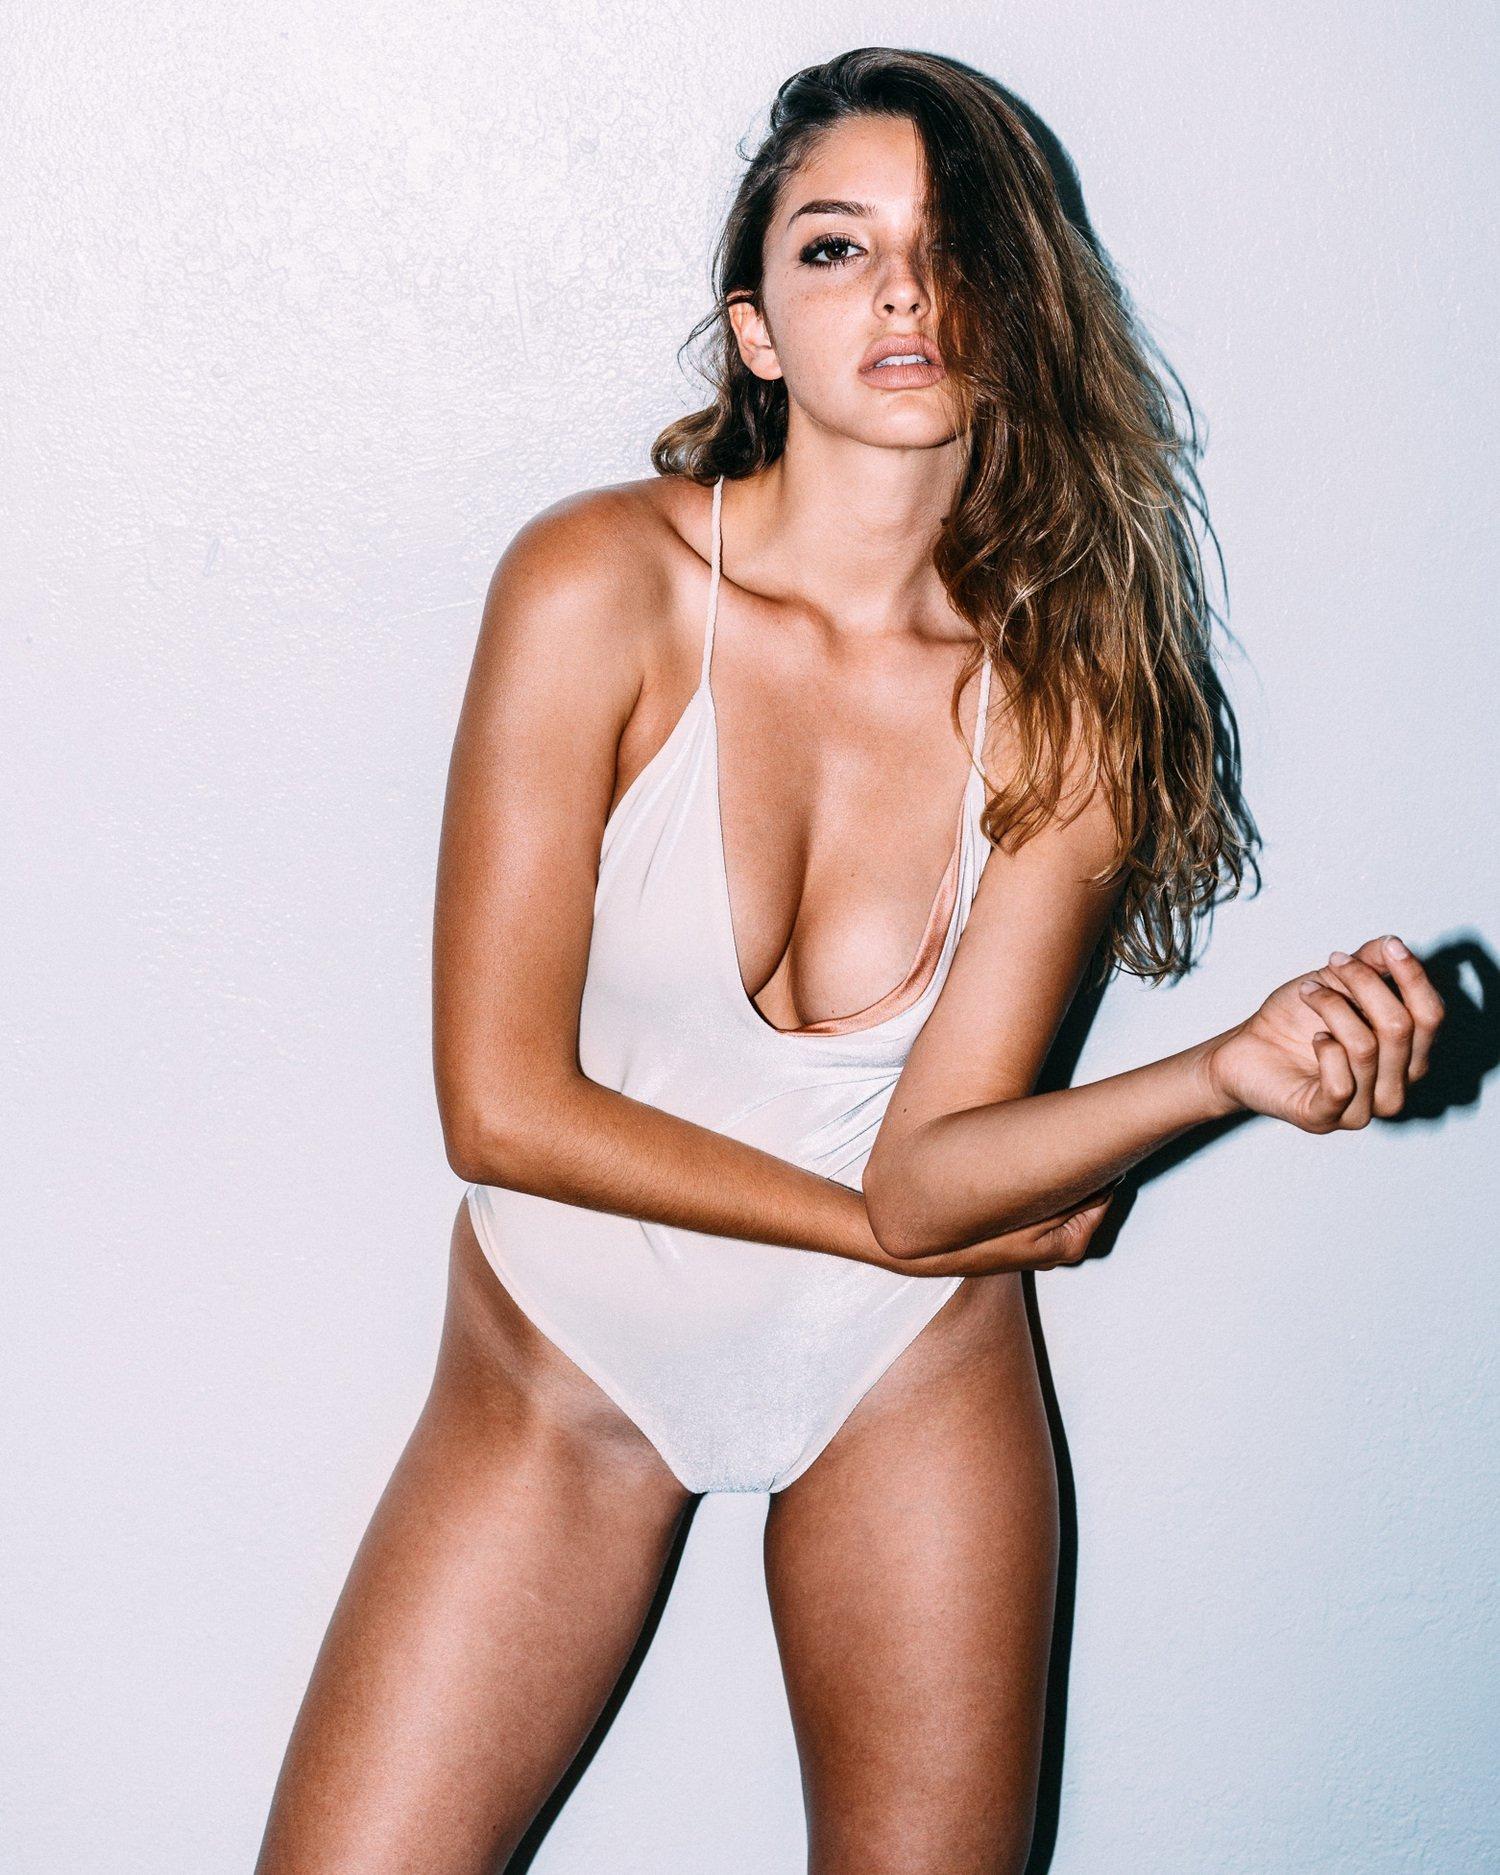 Celine Farach - Joey Whipp photoshoot